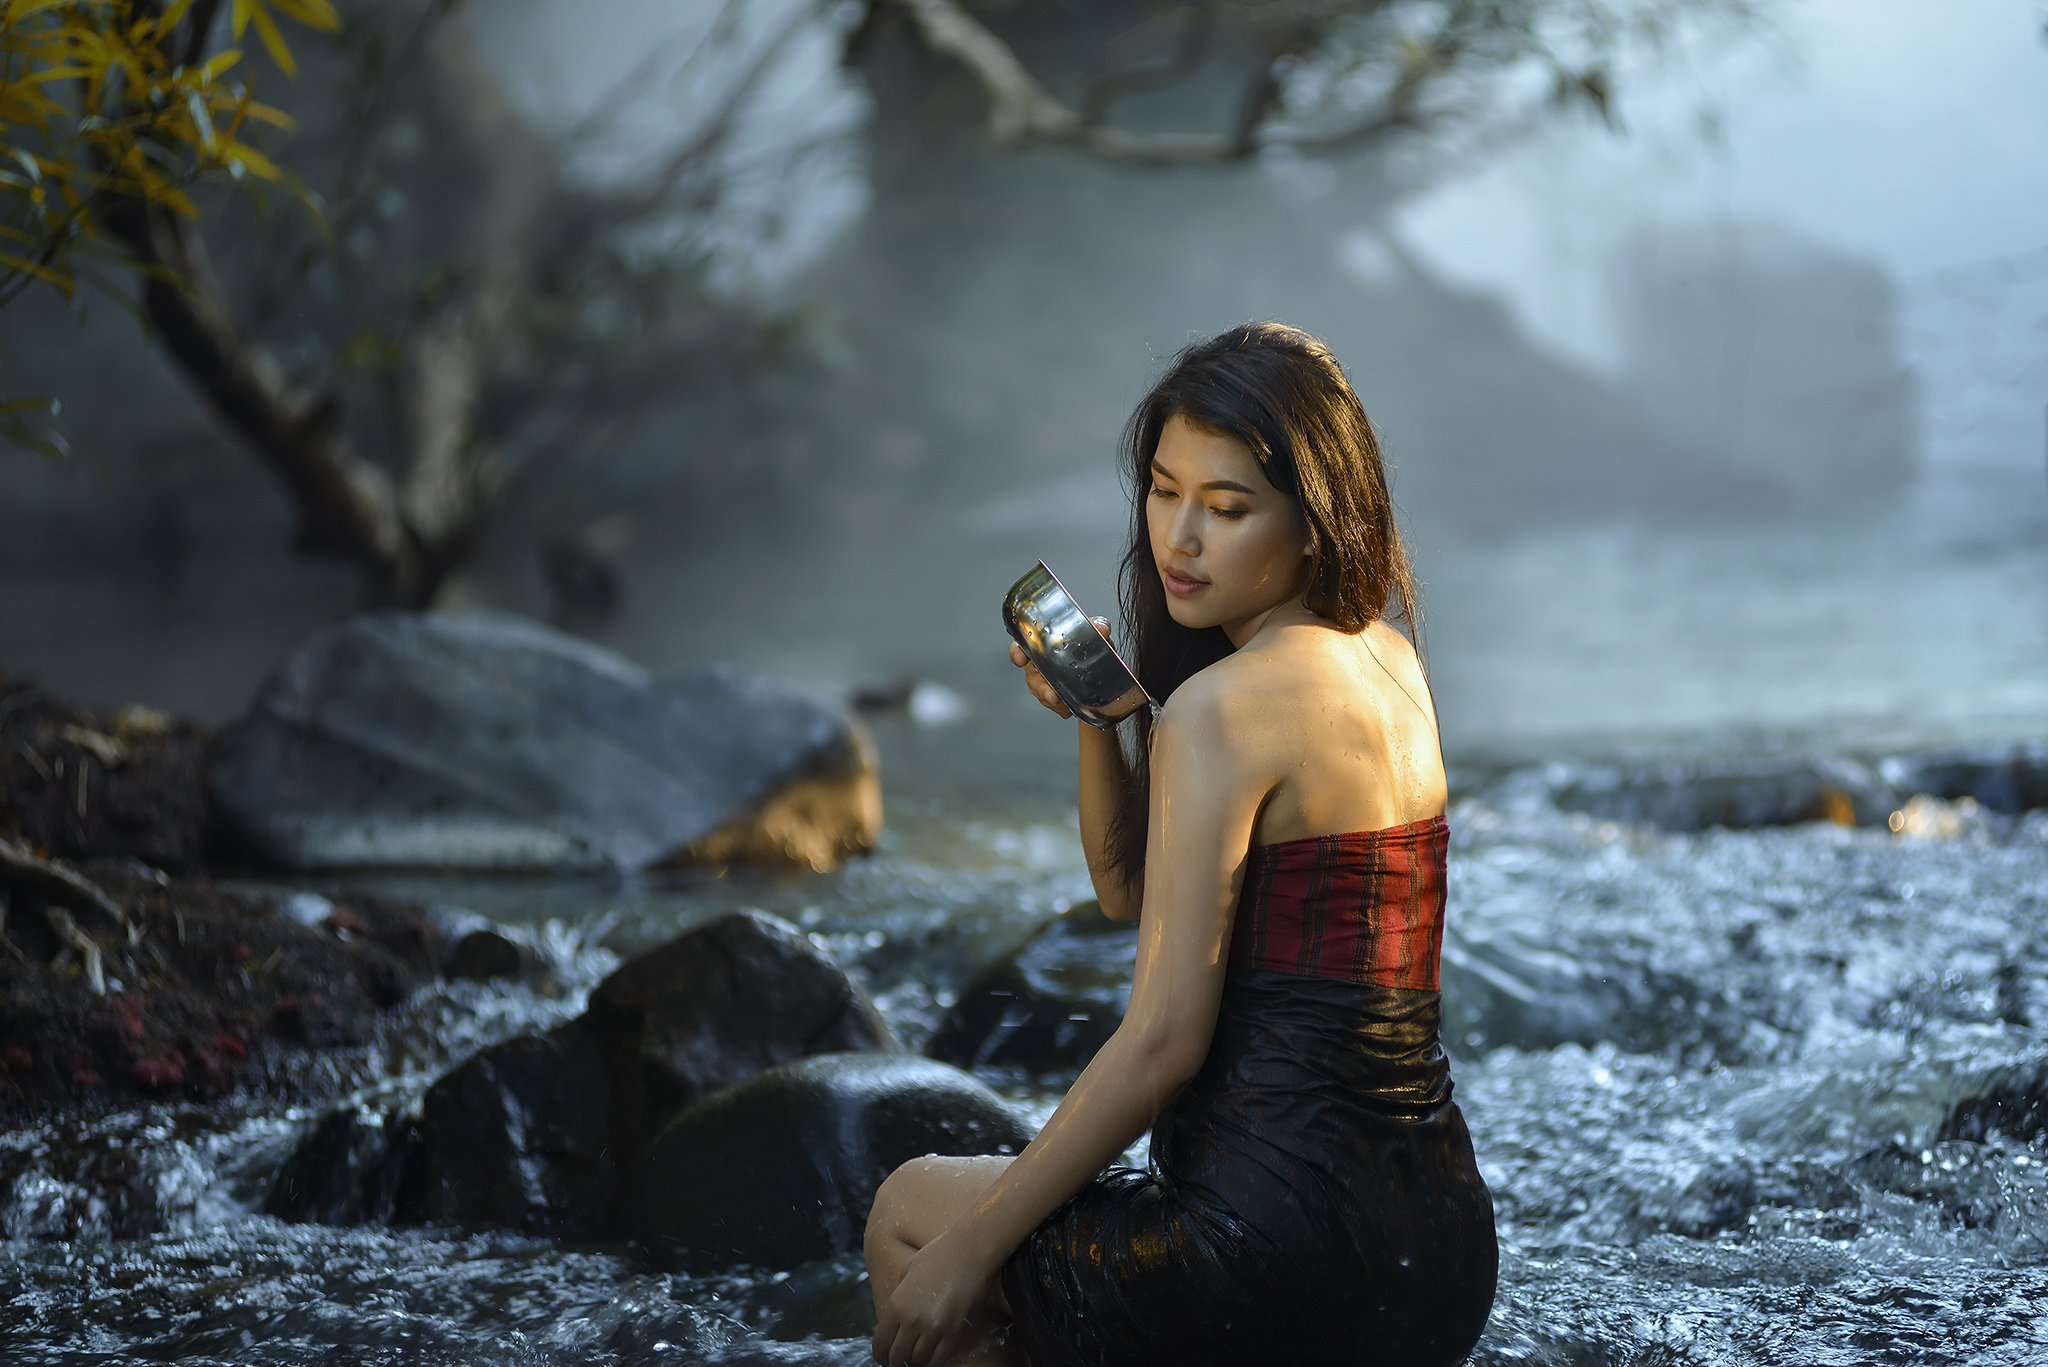 Asia, Asian, Beautiful, Culture, Fashion, Girl, River, Women, Saravut Whanset